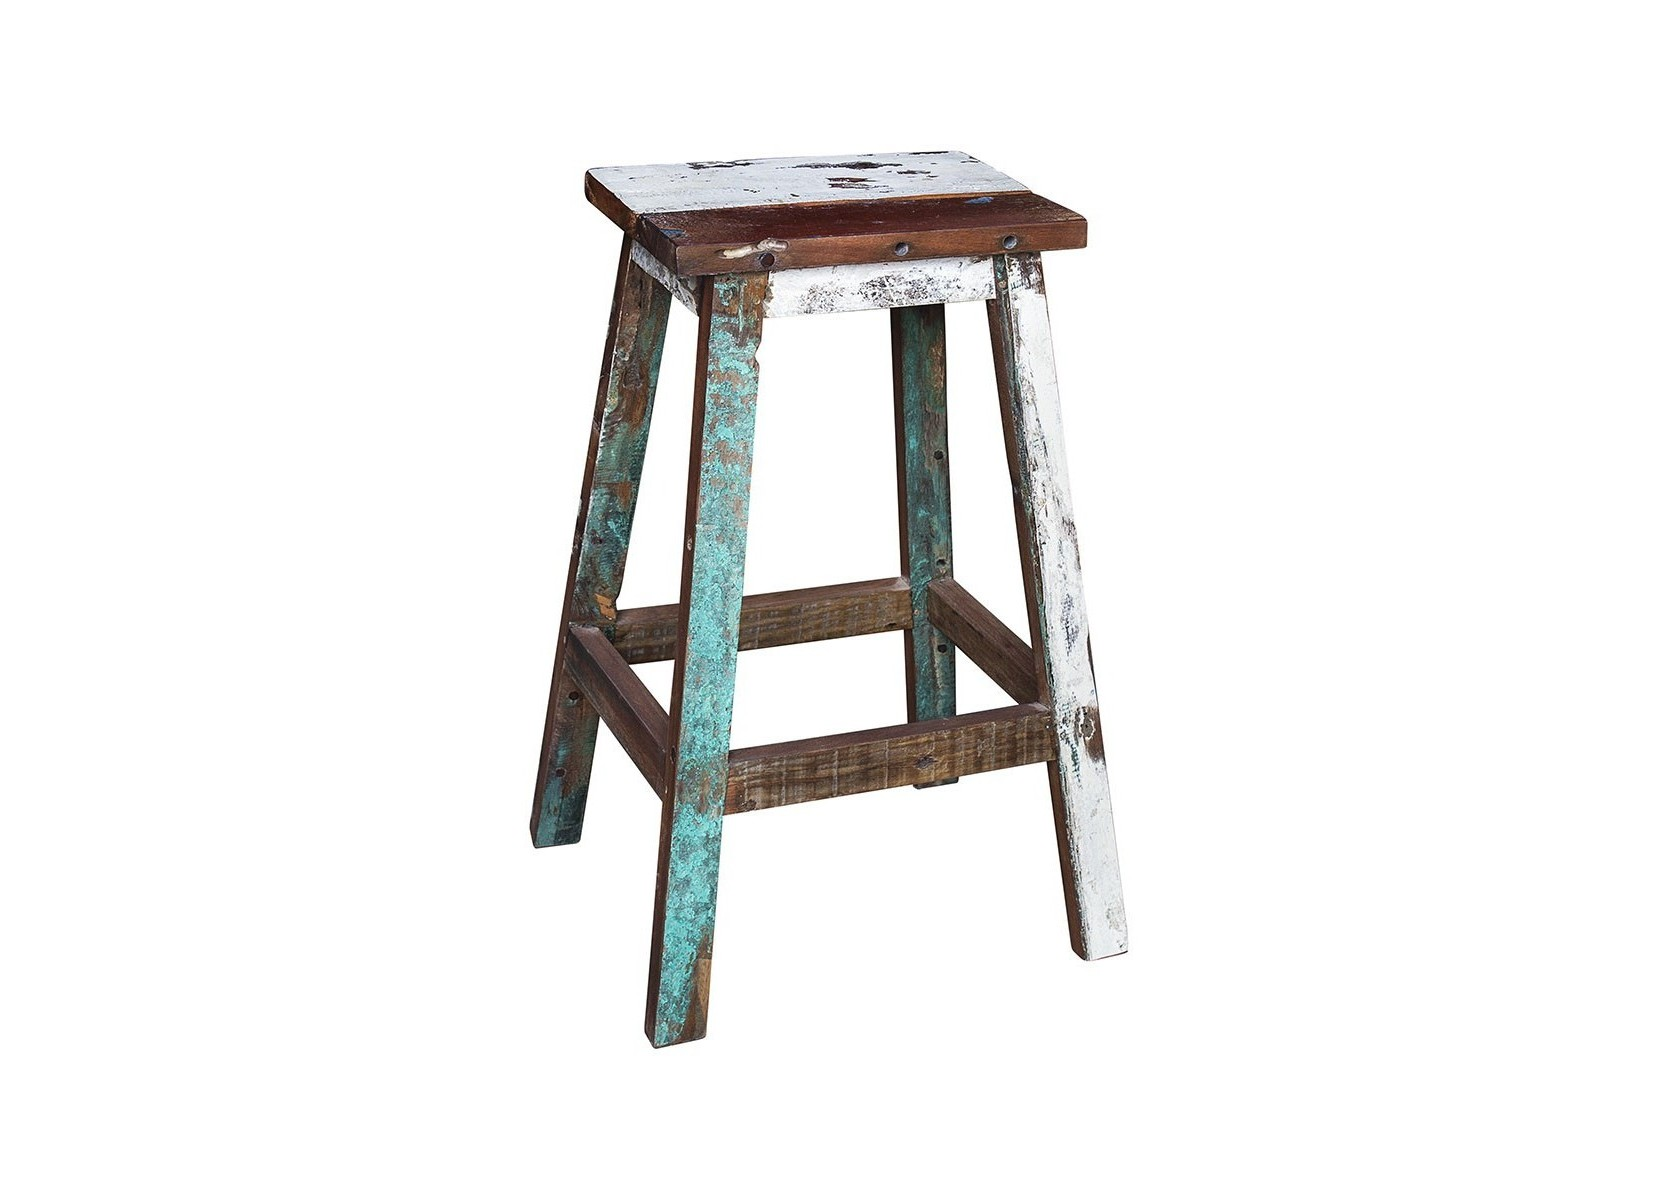 Барный стул ЛомоносовБарные стулья<br>Стул барный, выполненный из массива древесины старого рыбацкого судна, такой как: тик, махогон, суар, с сохранением оригинальной многослойной окраски.<br><br>Компактный барный стул без спинки. Отличный вариант для баров, ресторанов, кафе, а также для жилых пространств.<br>Подходит для использования как внутри помещения, так и снаружи.<br>Сборка не требуется.<br>Страна производитель - Индонезия.<br><br>Material: Тик<br>Width см: 40<br>Depth см: 30<br>Height см: 75